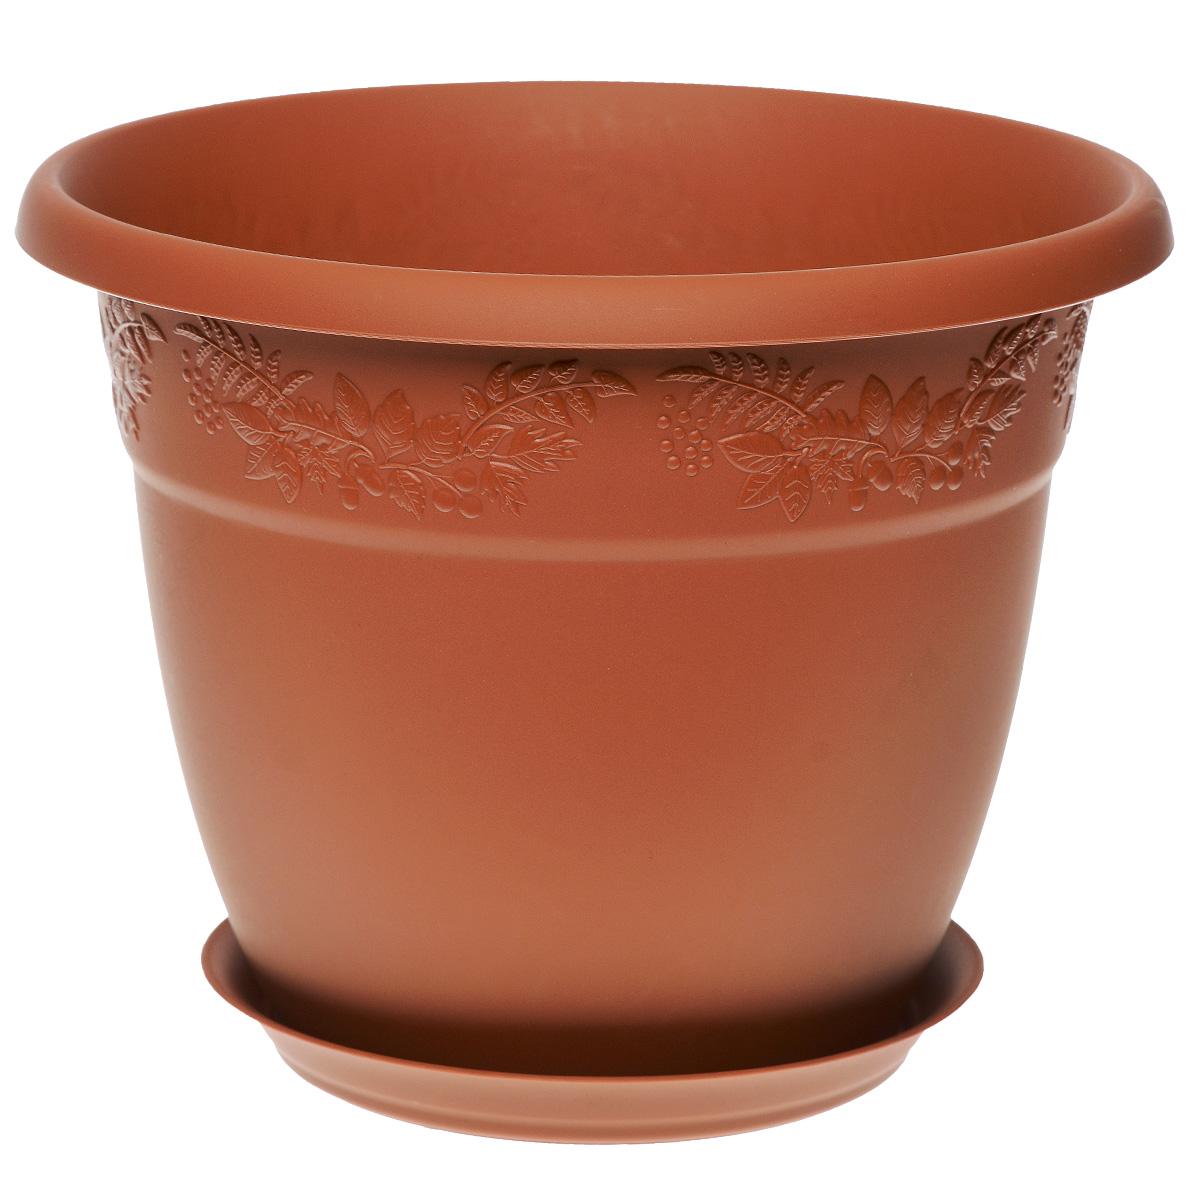 """Кашпо Idea """"Рябина"""" изготовлено из высококачественного полипропилена (пластика). Специальный поддон предназначен для стока воды. Изделие прекрасно подходит для выращивания растений и цветов в домашних условиях. Лаконичный дизайн впишется в интерьер любого помещения. Диаметр поддона: 13,5 см. Объем кашпо: 2,3 л.Диаметр кашпо по верхнему краю: 18,5 см.Высота кашпо: 15 см."""